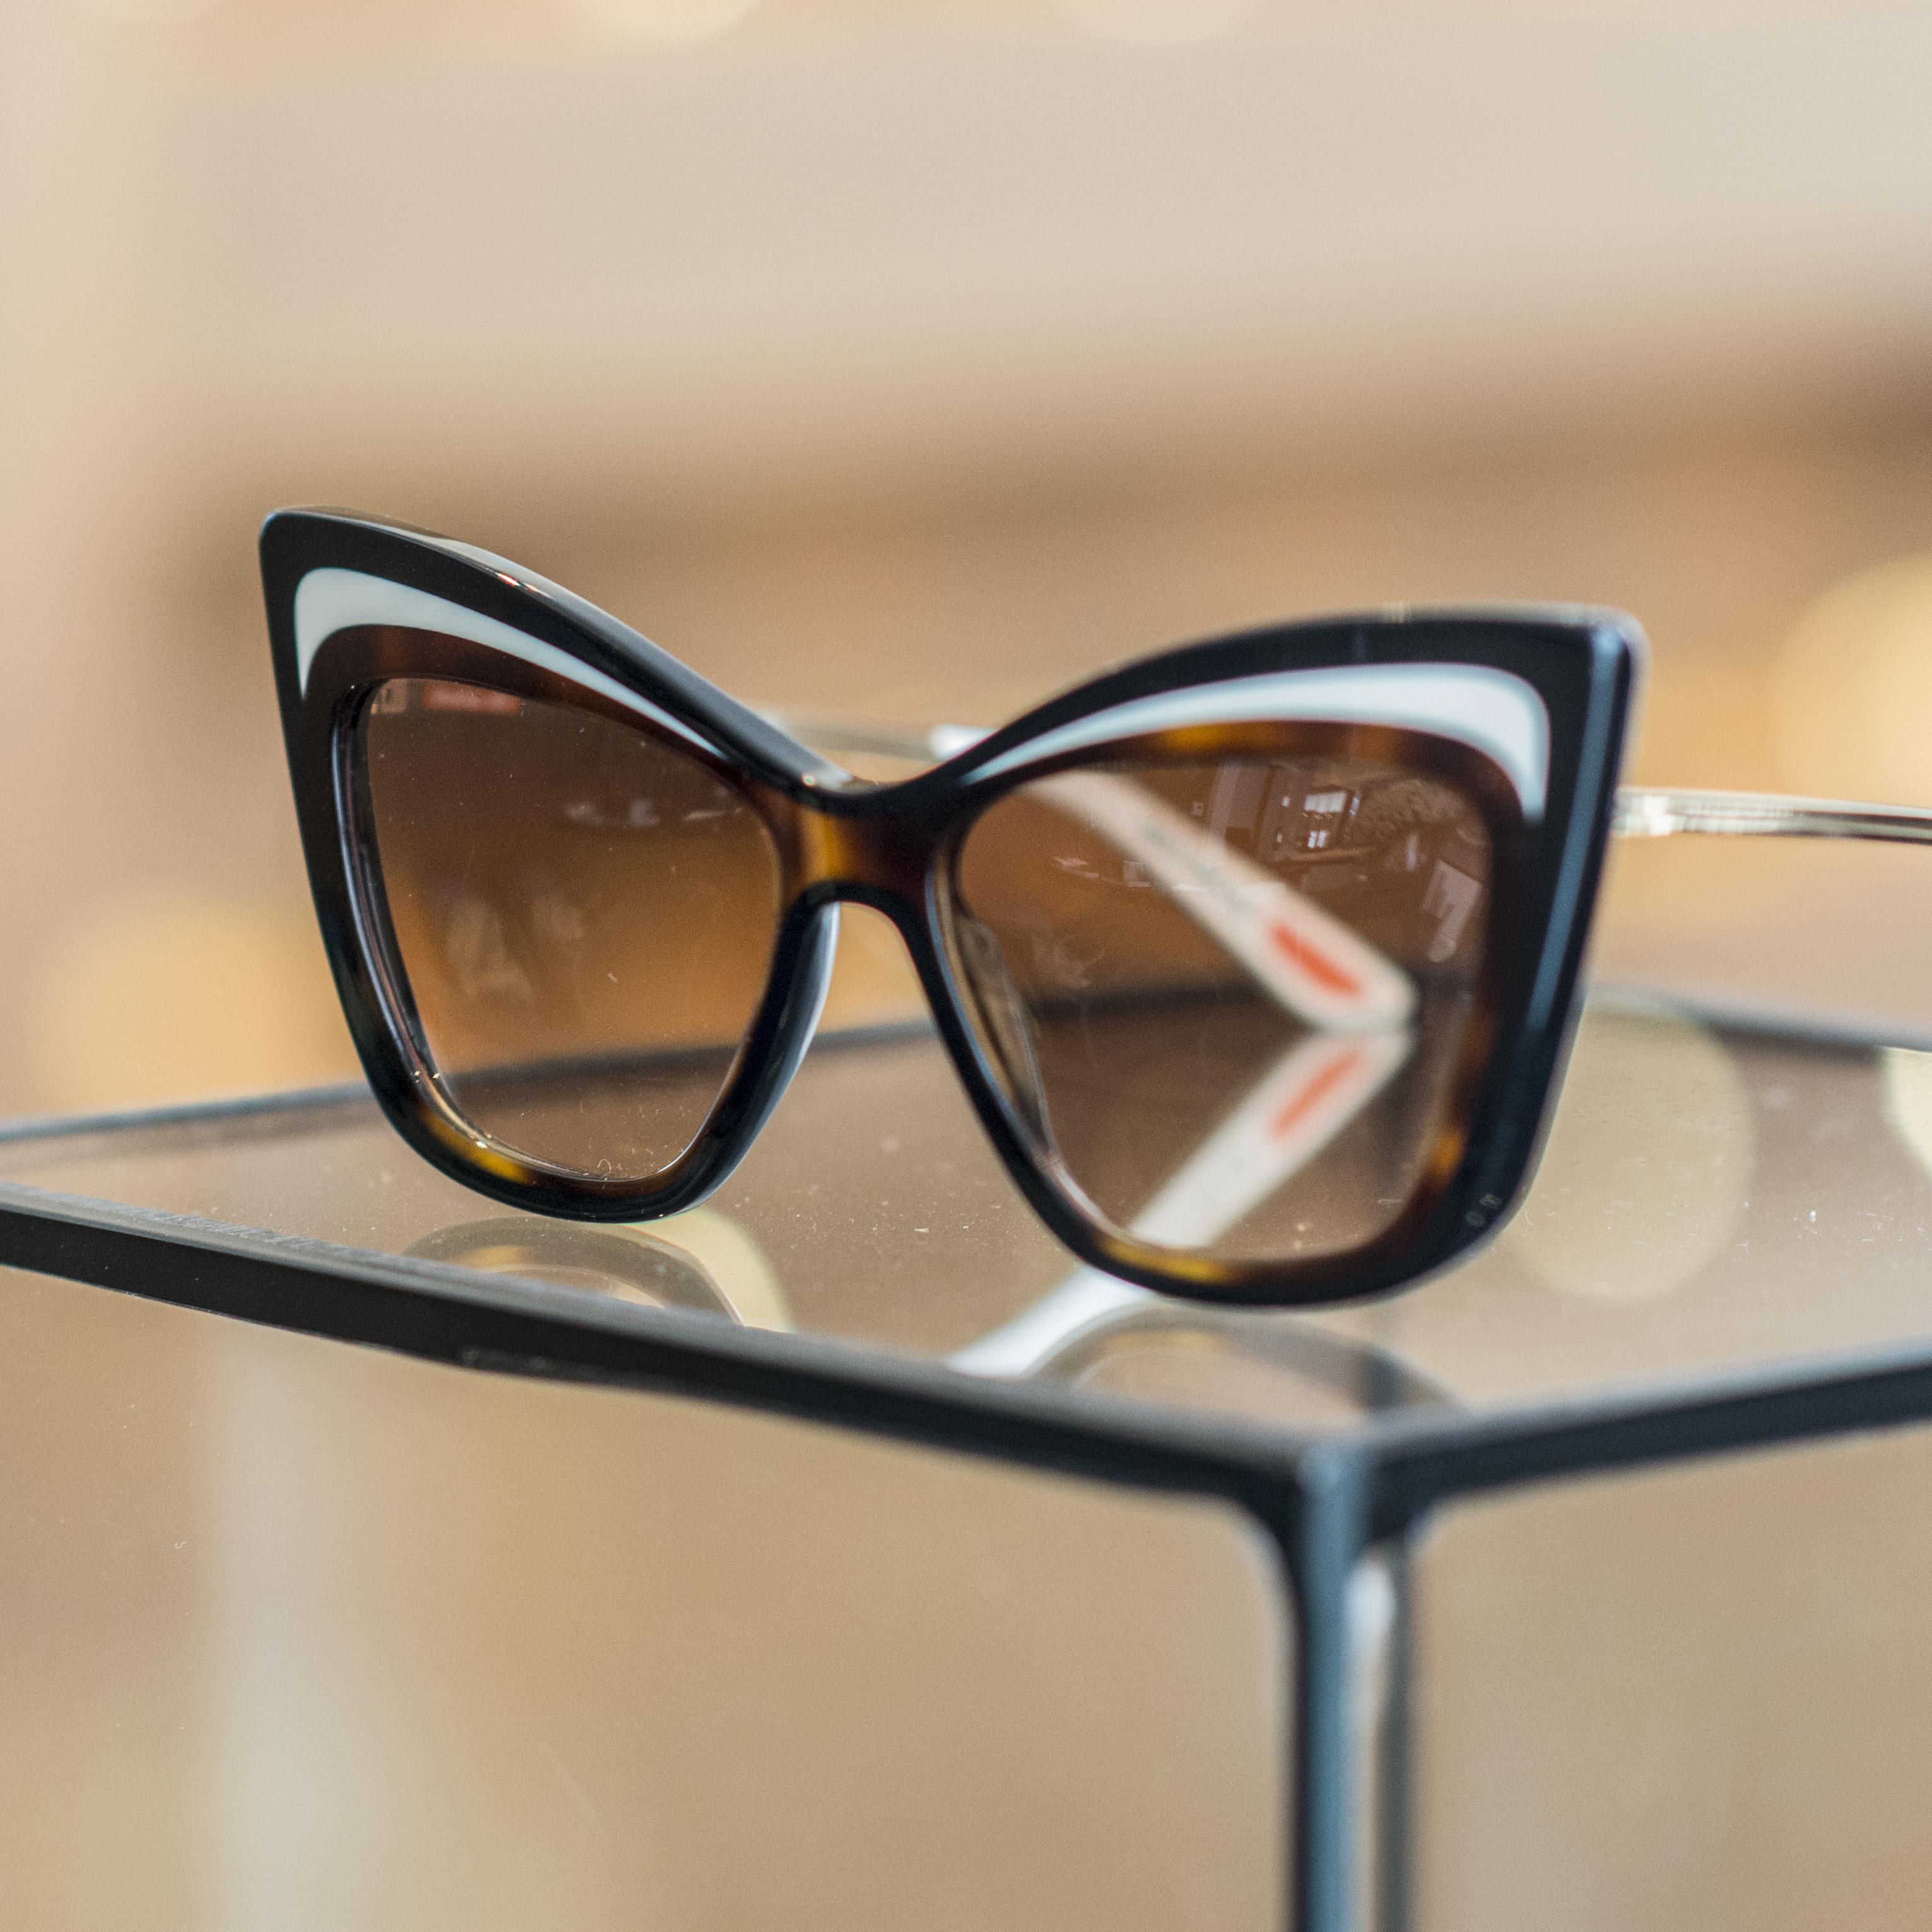 Hoet brillen